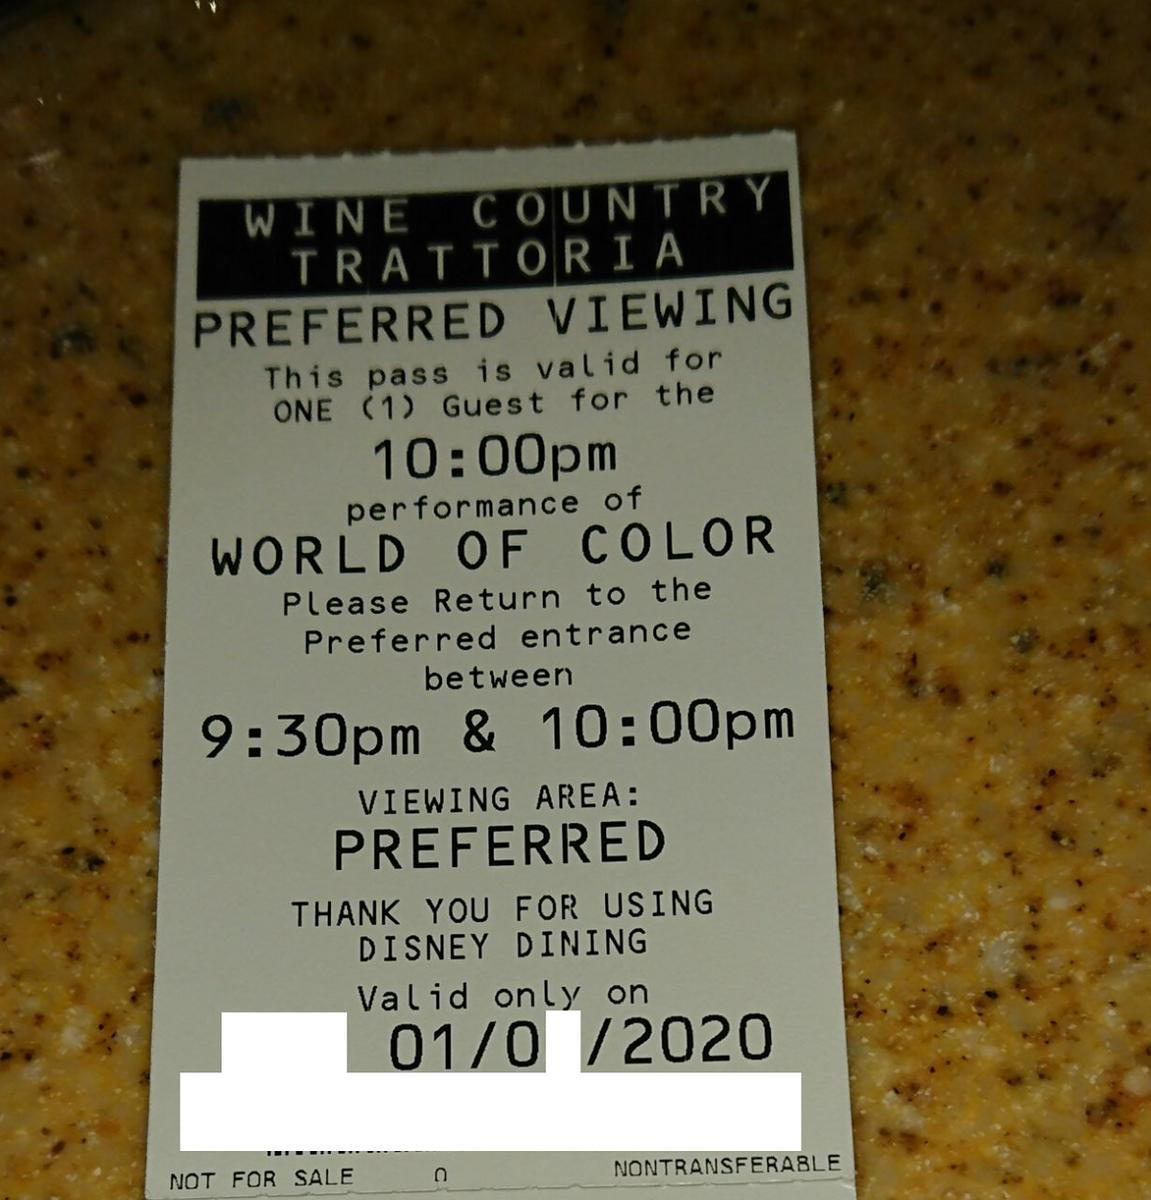 ワールドオブカラー ダイニングパッケージのチケット